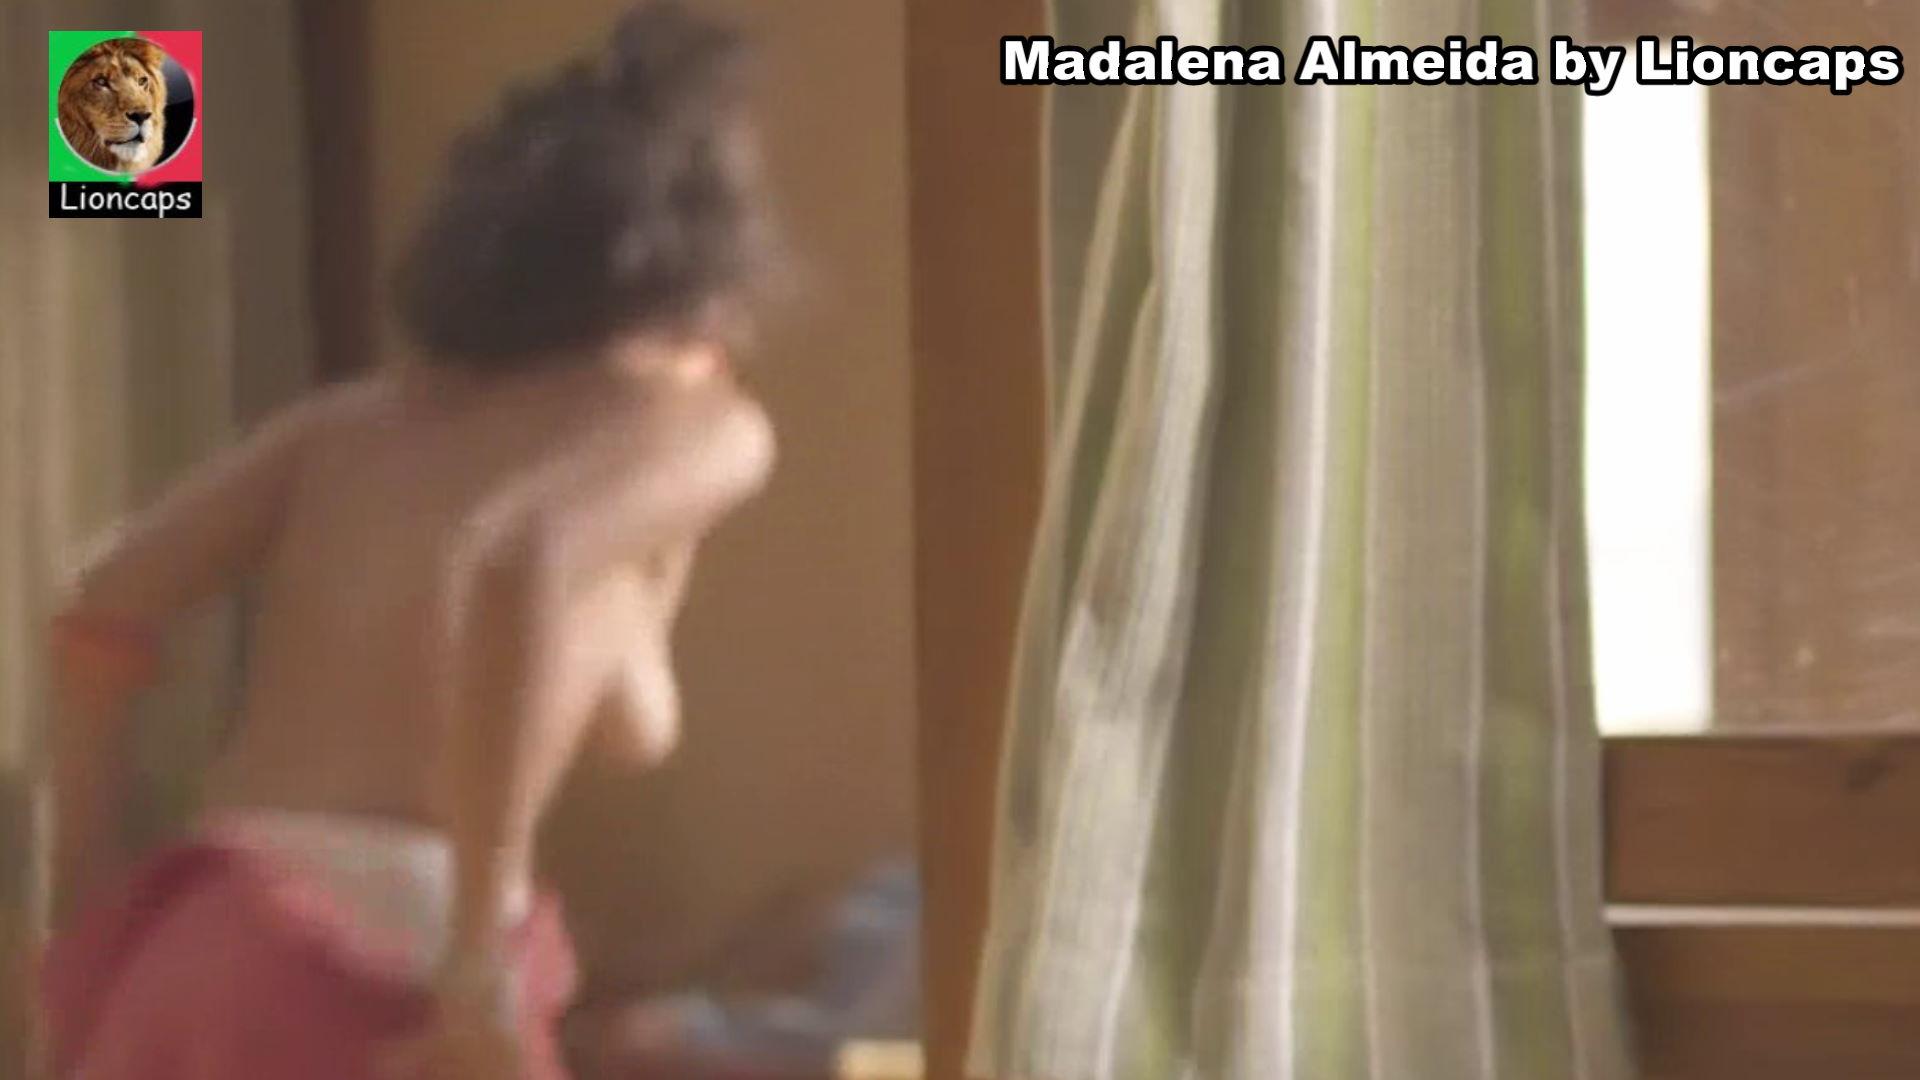 044970260_madalena_almeida_vs200125_0013_122_346lo.JPG